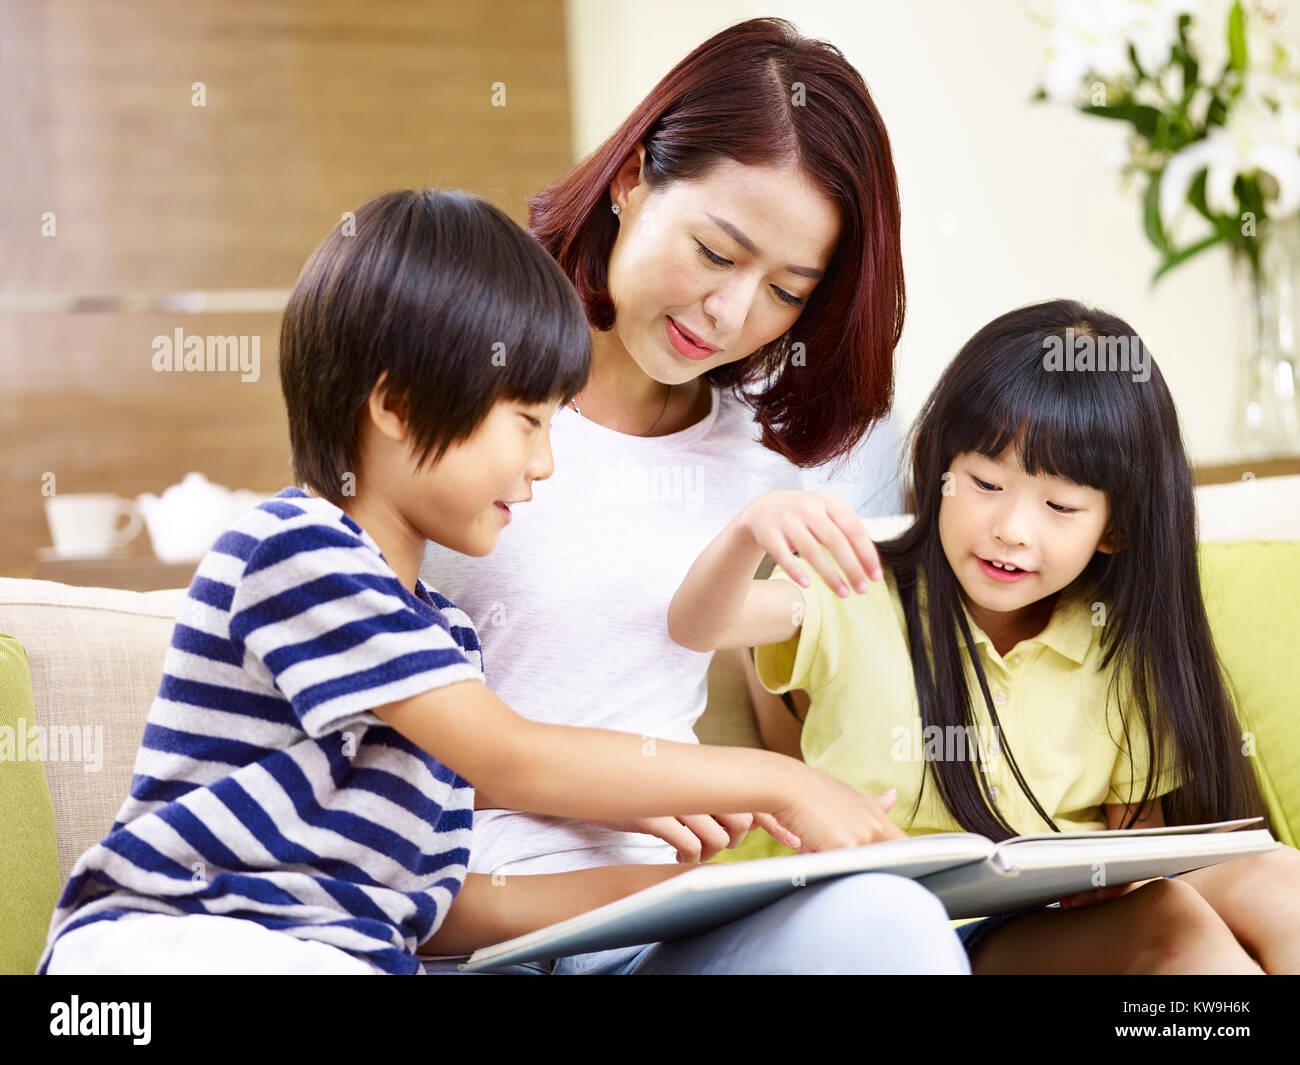 Giovani asiatici madre e figlio e figlia seduti sul divano a leggere un libro insieme. Immagini Stock